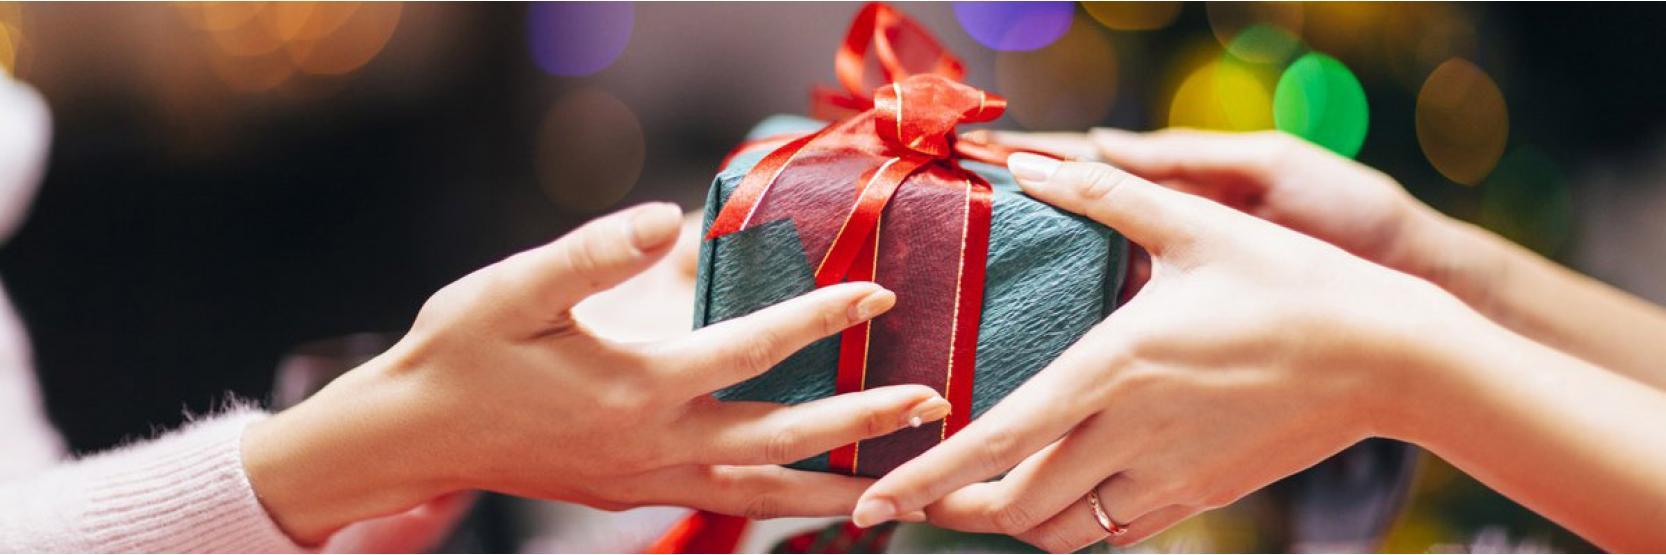 ما أبرز المناسبات التي تعطى فيها الهدايا؟